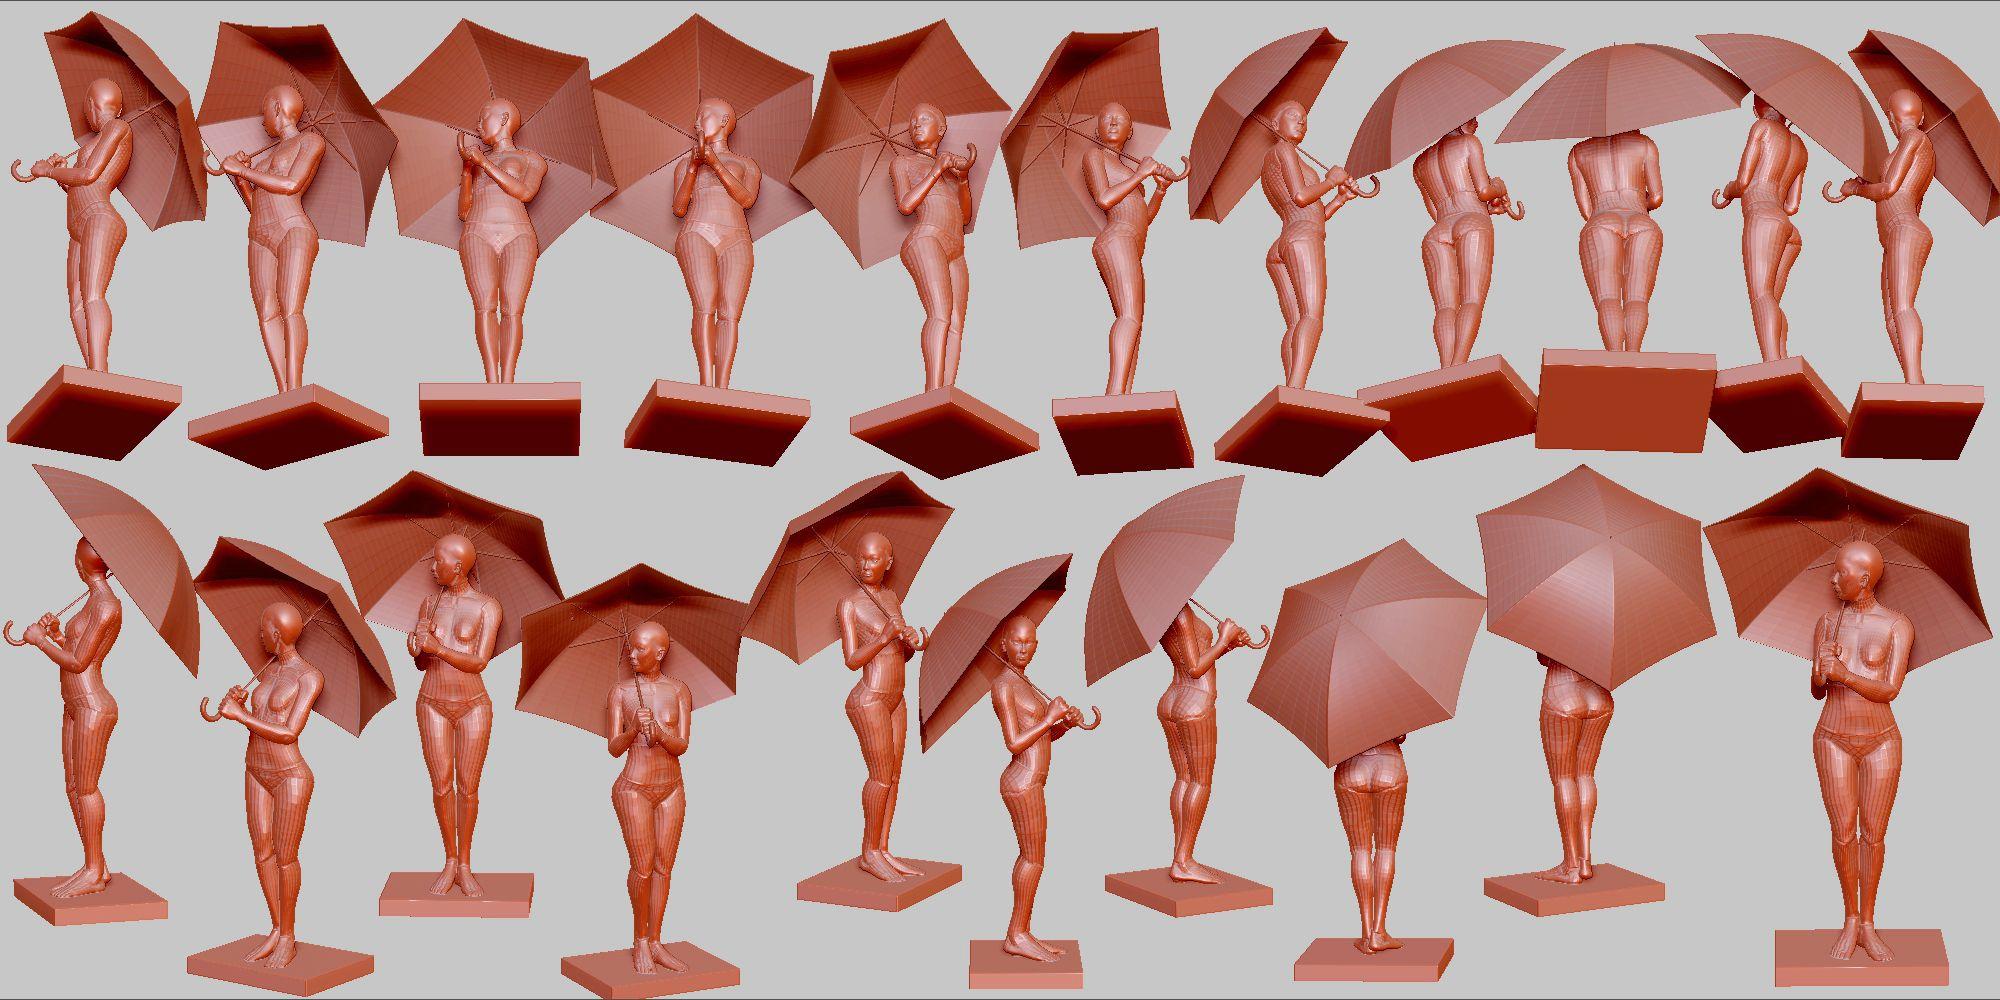 傘をさす 06 ポーズ 1195 髪と形